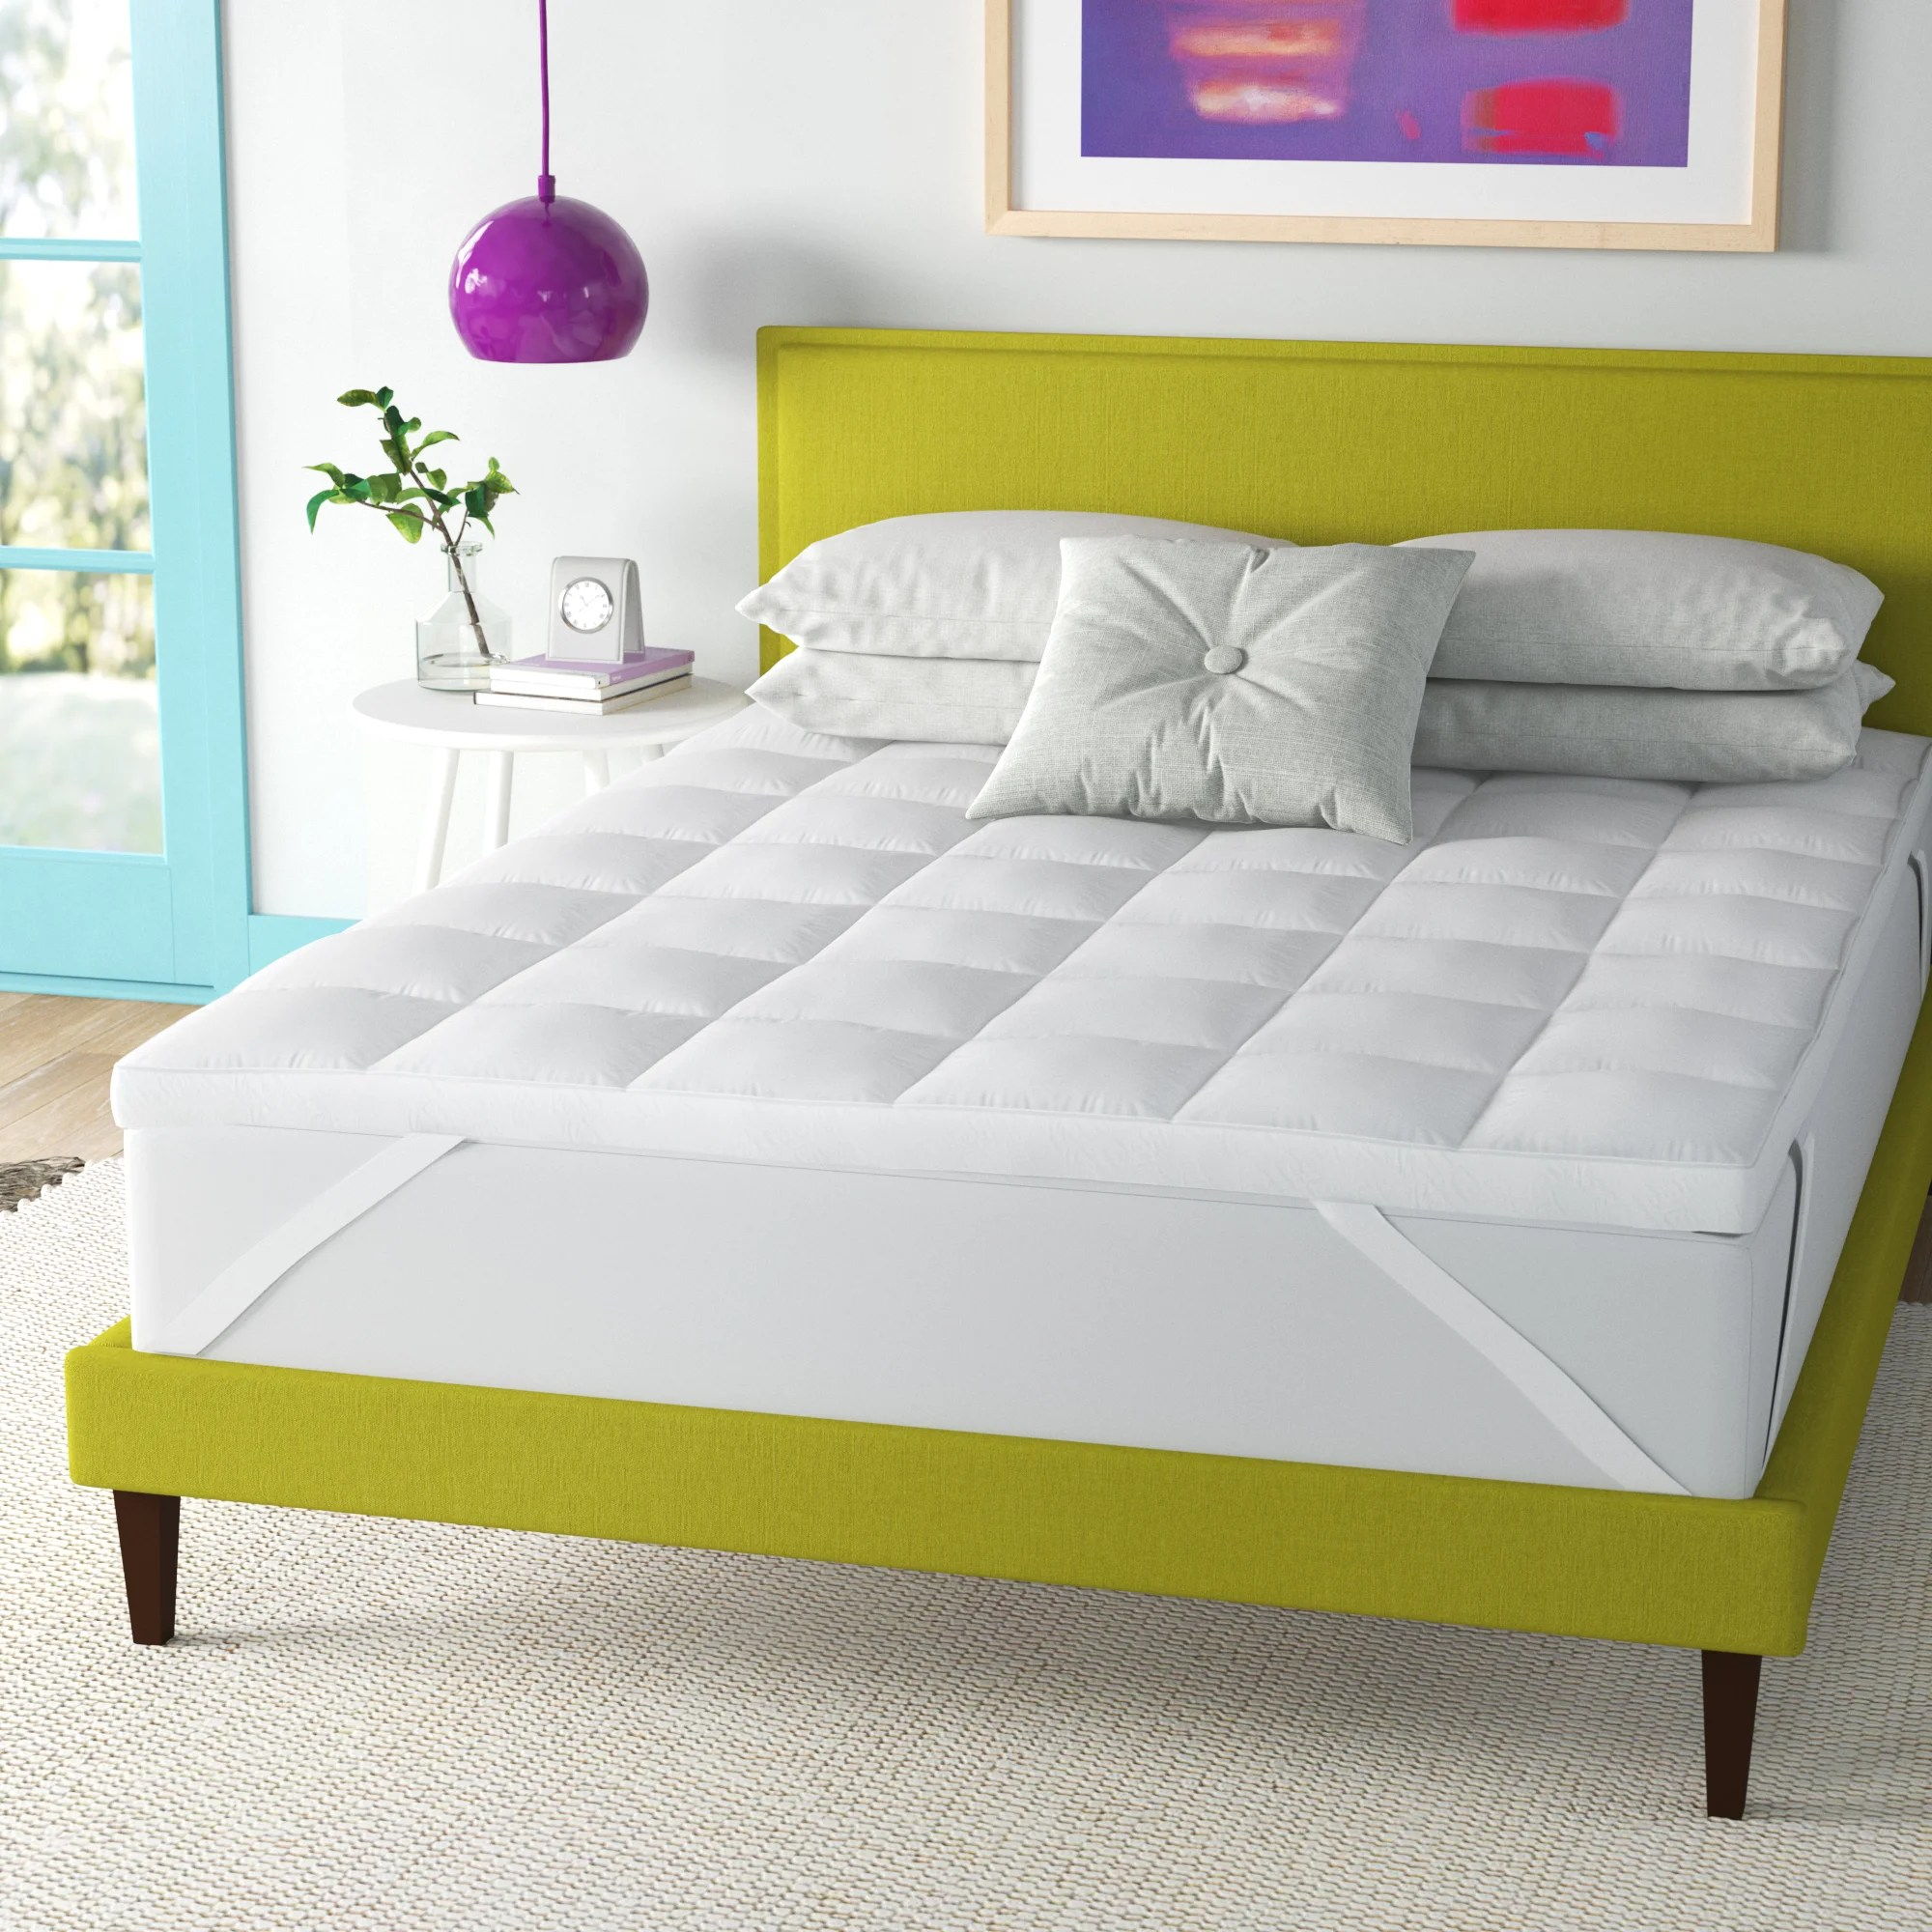 wayfair sleep 3 down alternative mattress topper